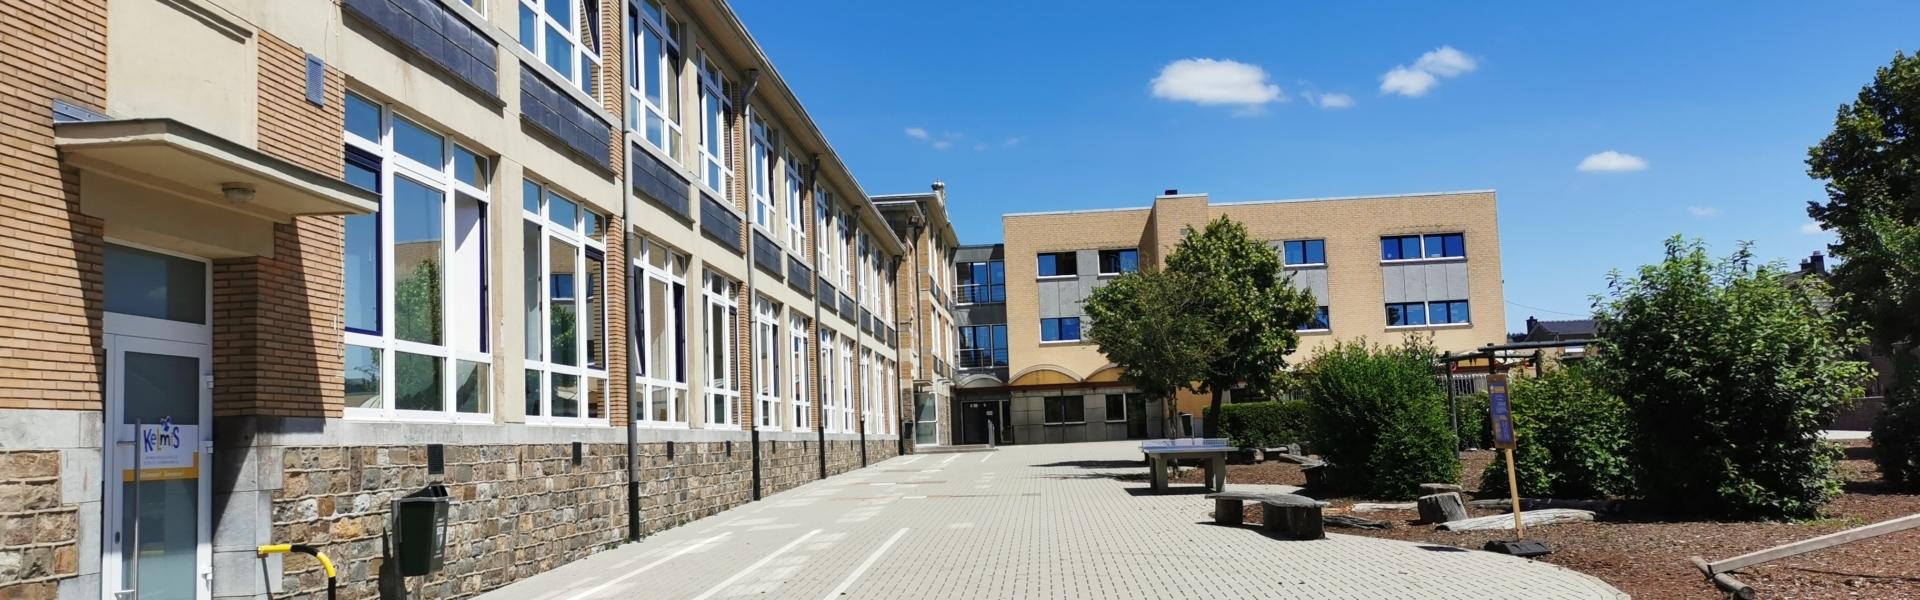 Grundschule Kelmis Außenansicht